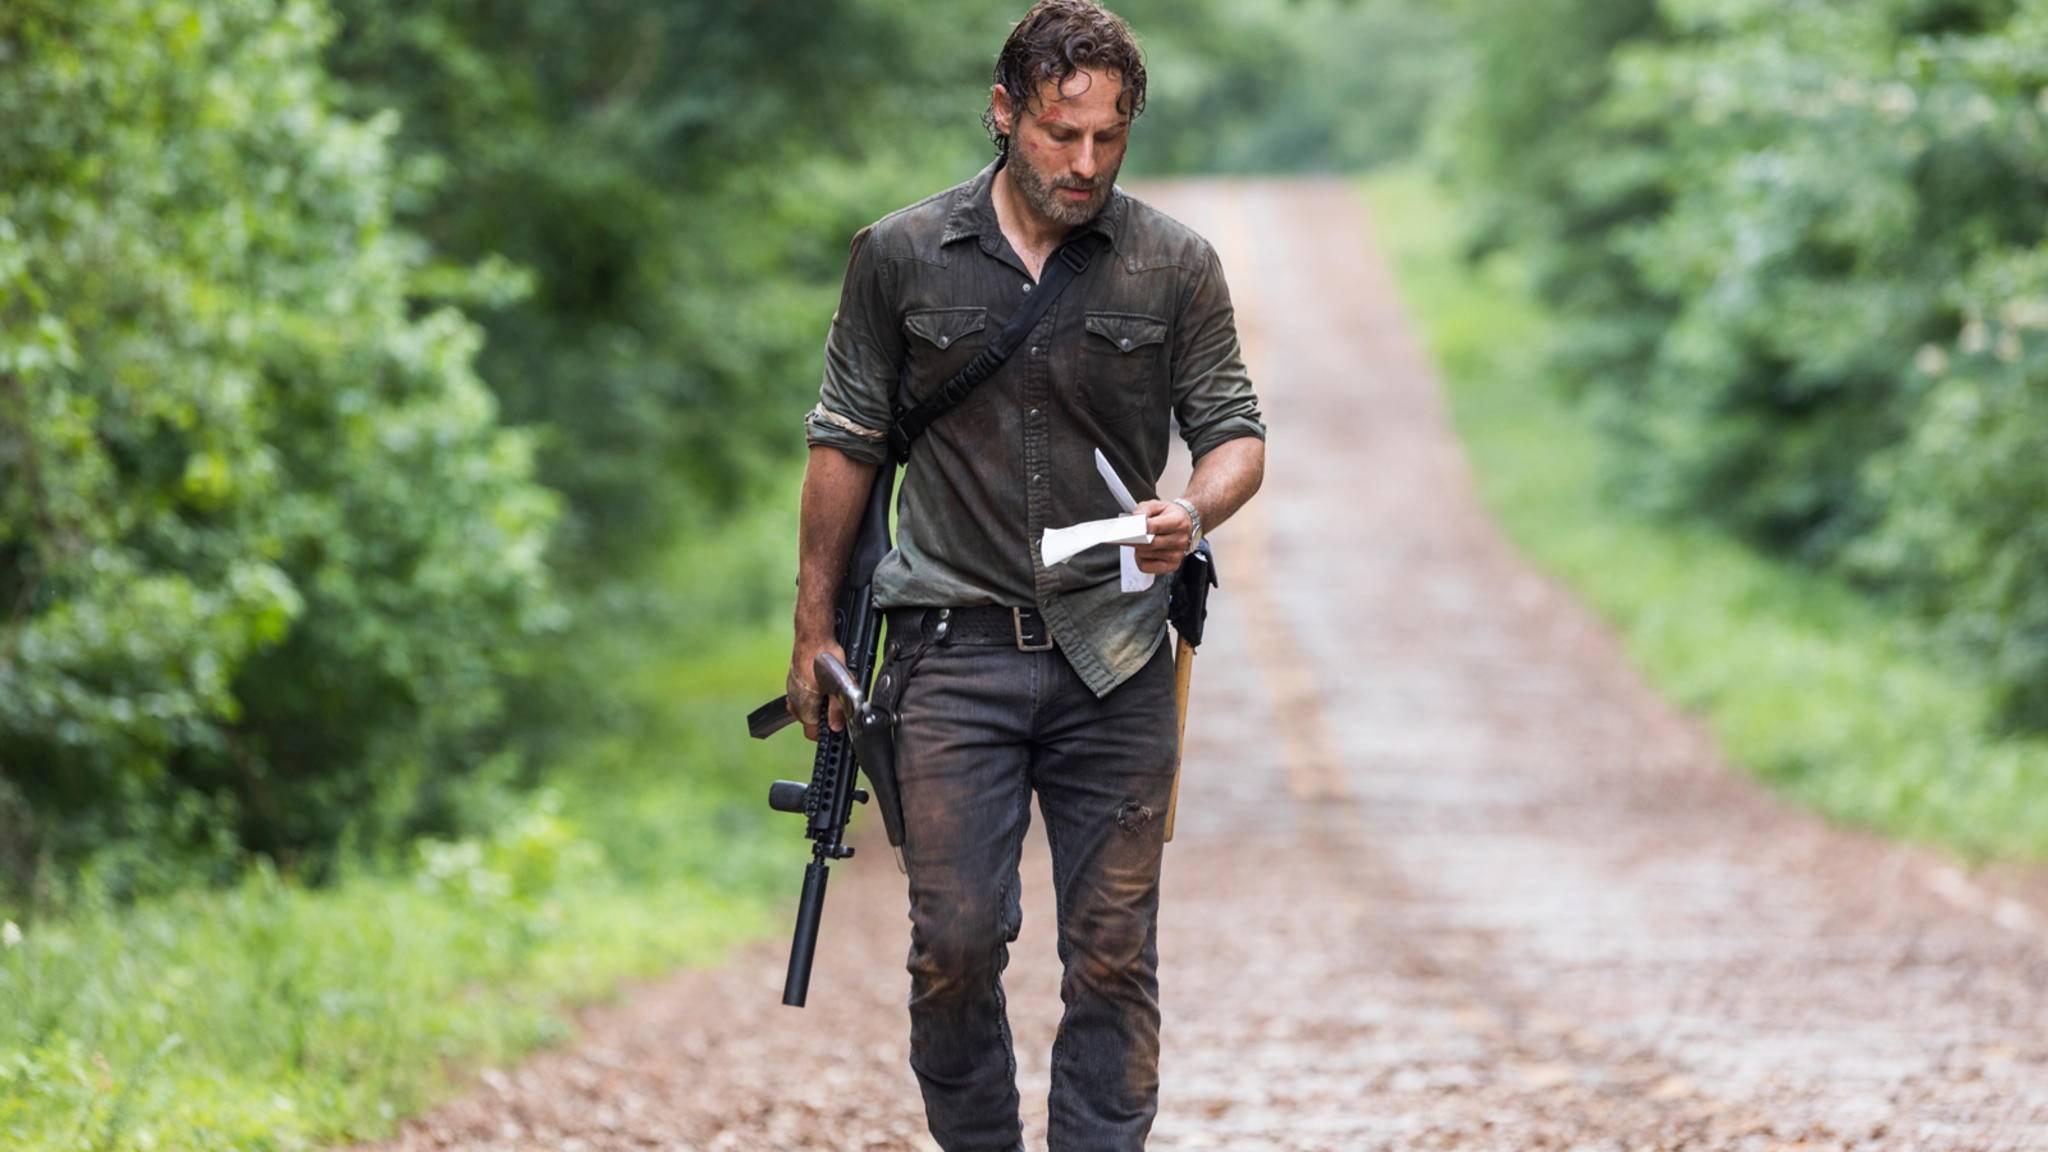 """Wohin führt die Reise? Bei """"The Walking Dead"""" wird sich ab Staffel 8 wohl einiges ändern."""